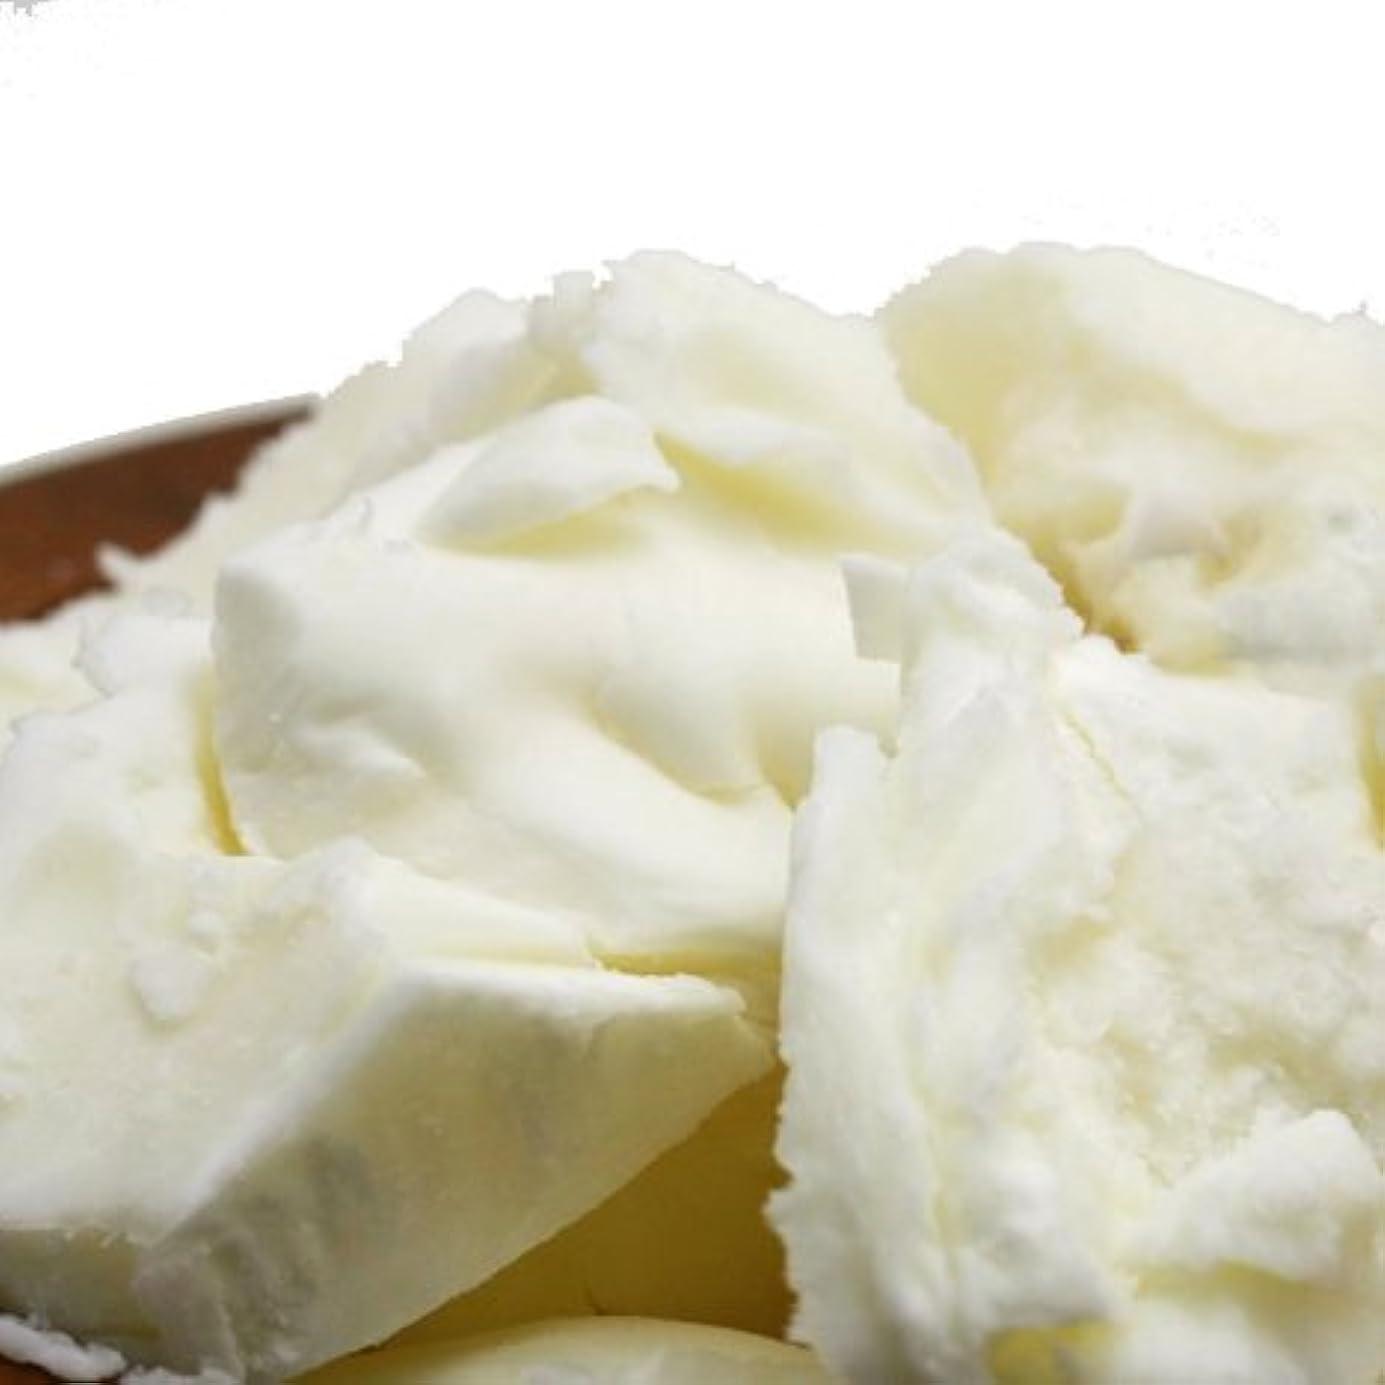 科学的必須デイジー精製シアバター 500g シア脂 【手作り石鹸/手作りコスメ/手作り化粧品】